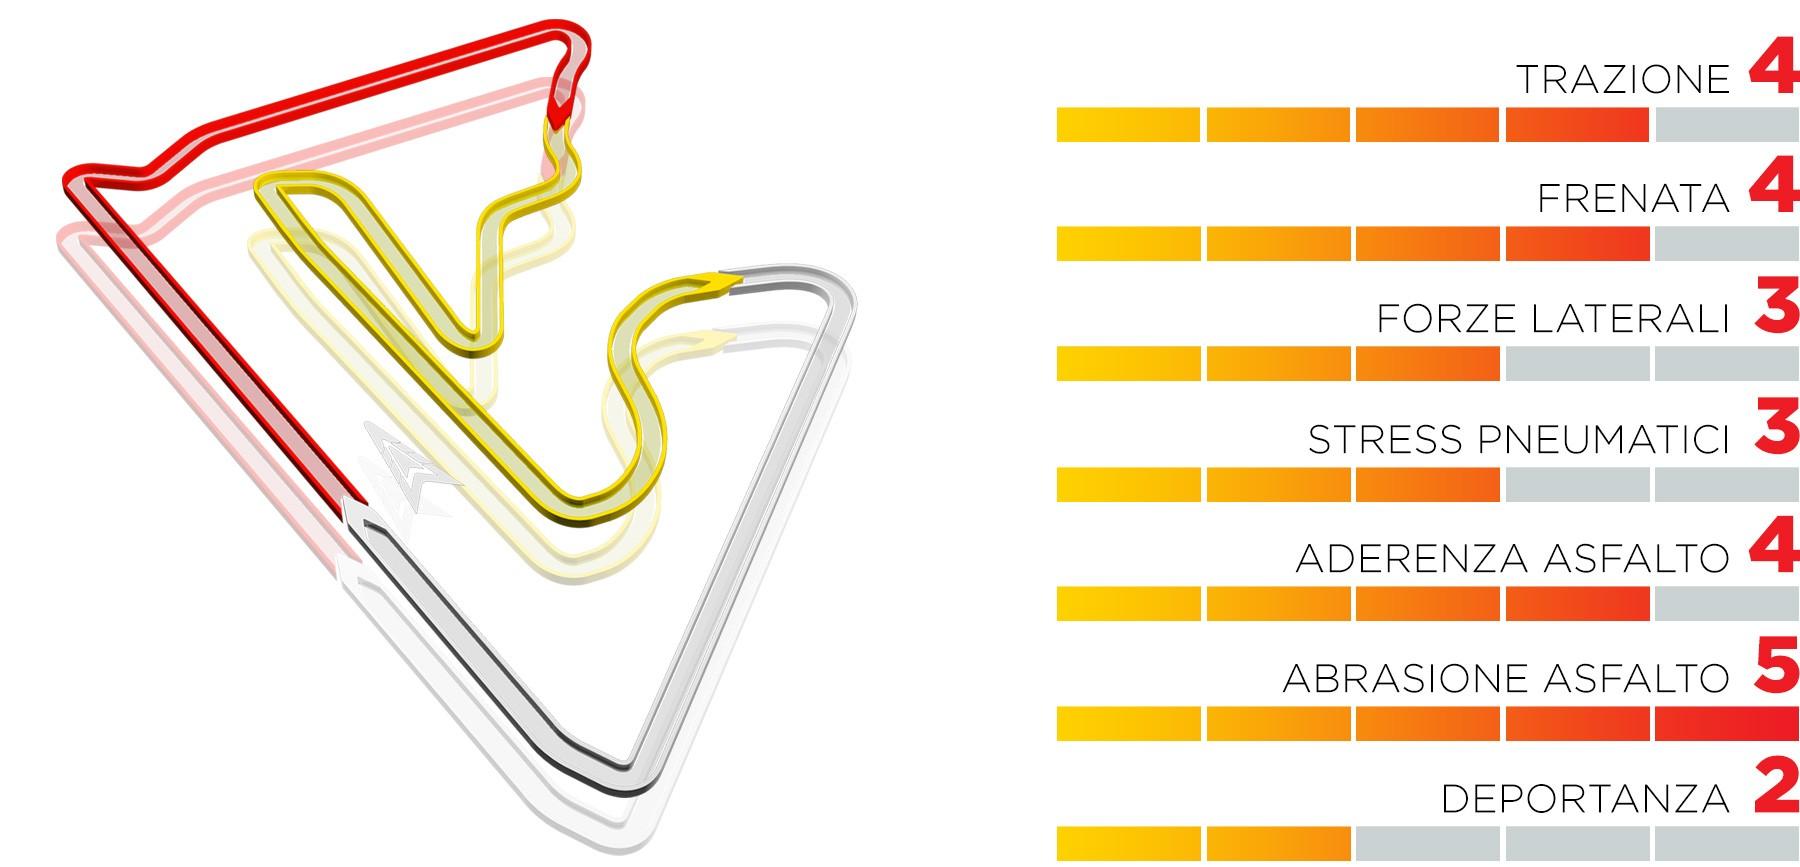 GP Bahrain 2021